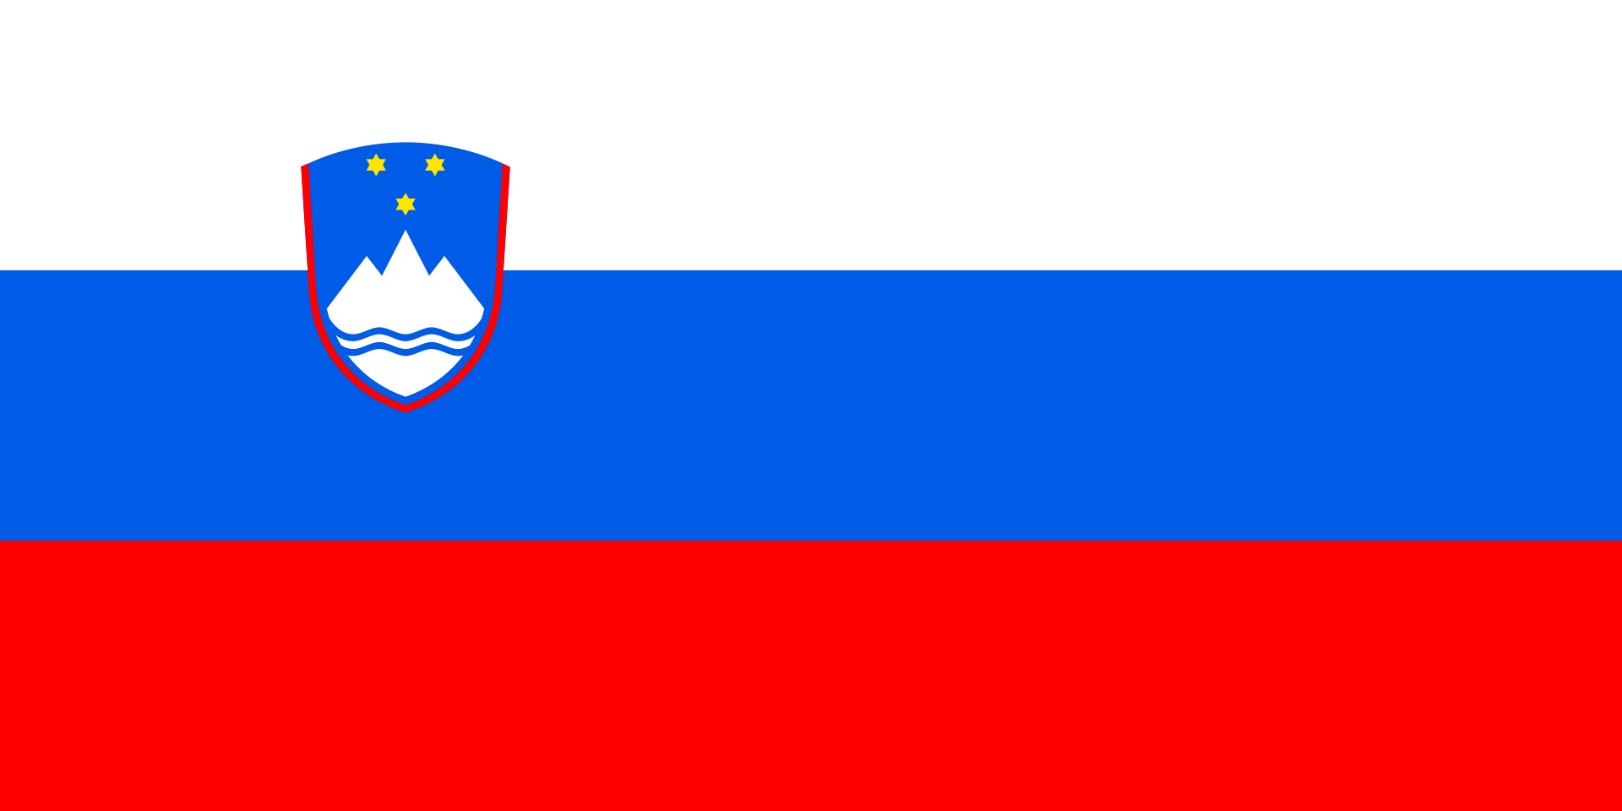 Flagge im Querformat Land Slowenien 150x100 cm